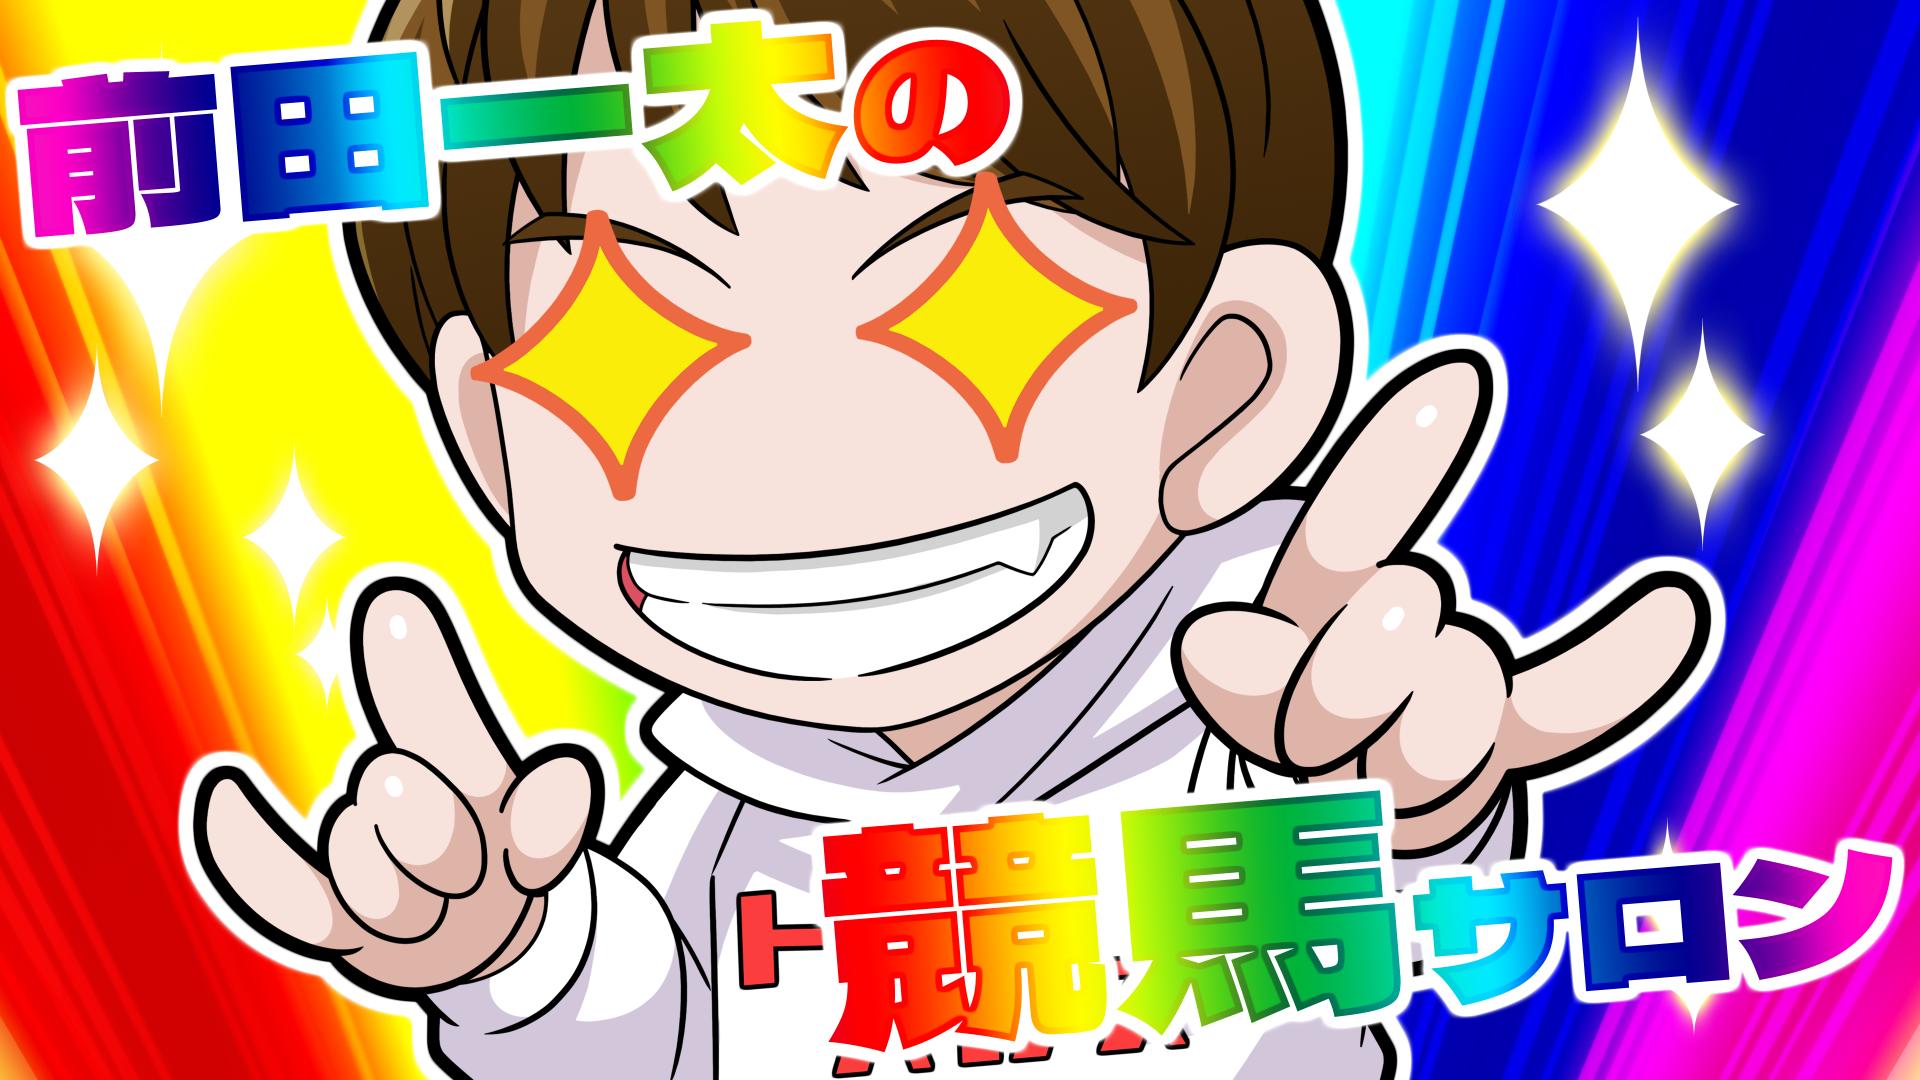 前田一太 - 前田一太の競馬サロン - DMM オンラインサロン